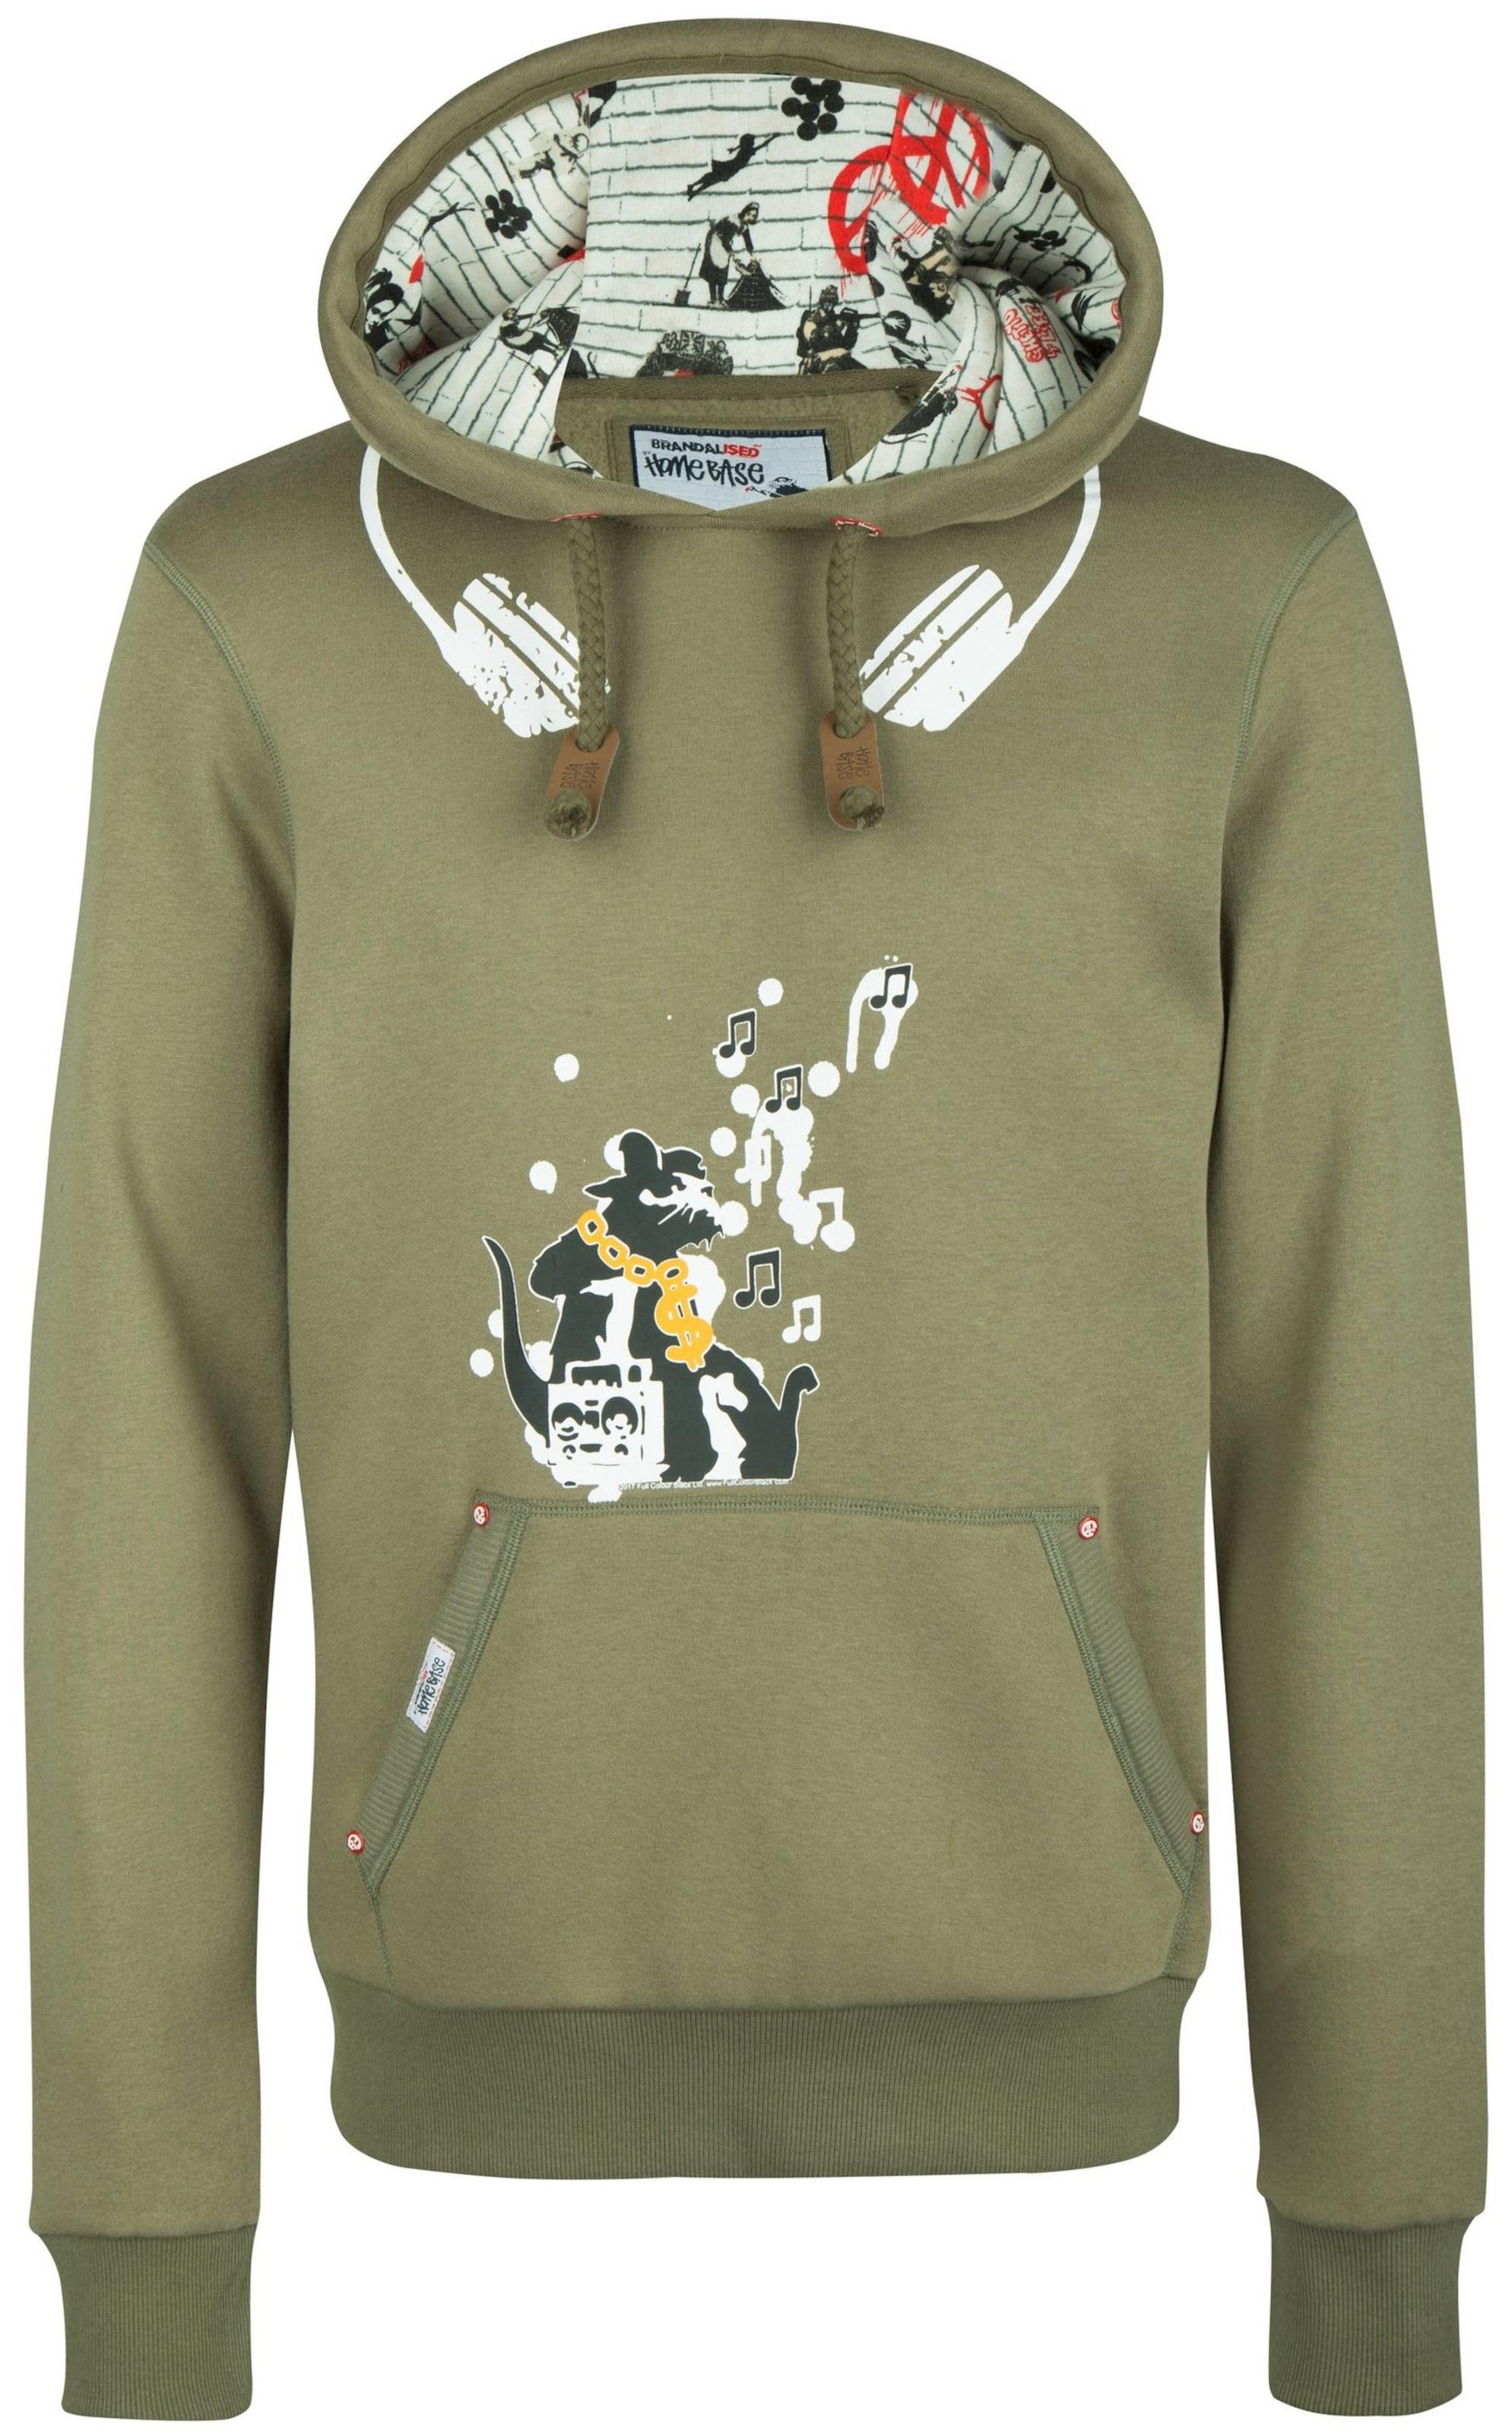 Verkauf 2018 HOMEBASE Sweatshirt Perfekte Online-Verkauf Um Zu Verkaufen dMW1x5S